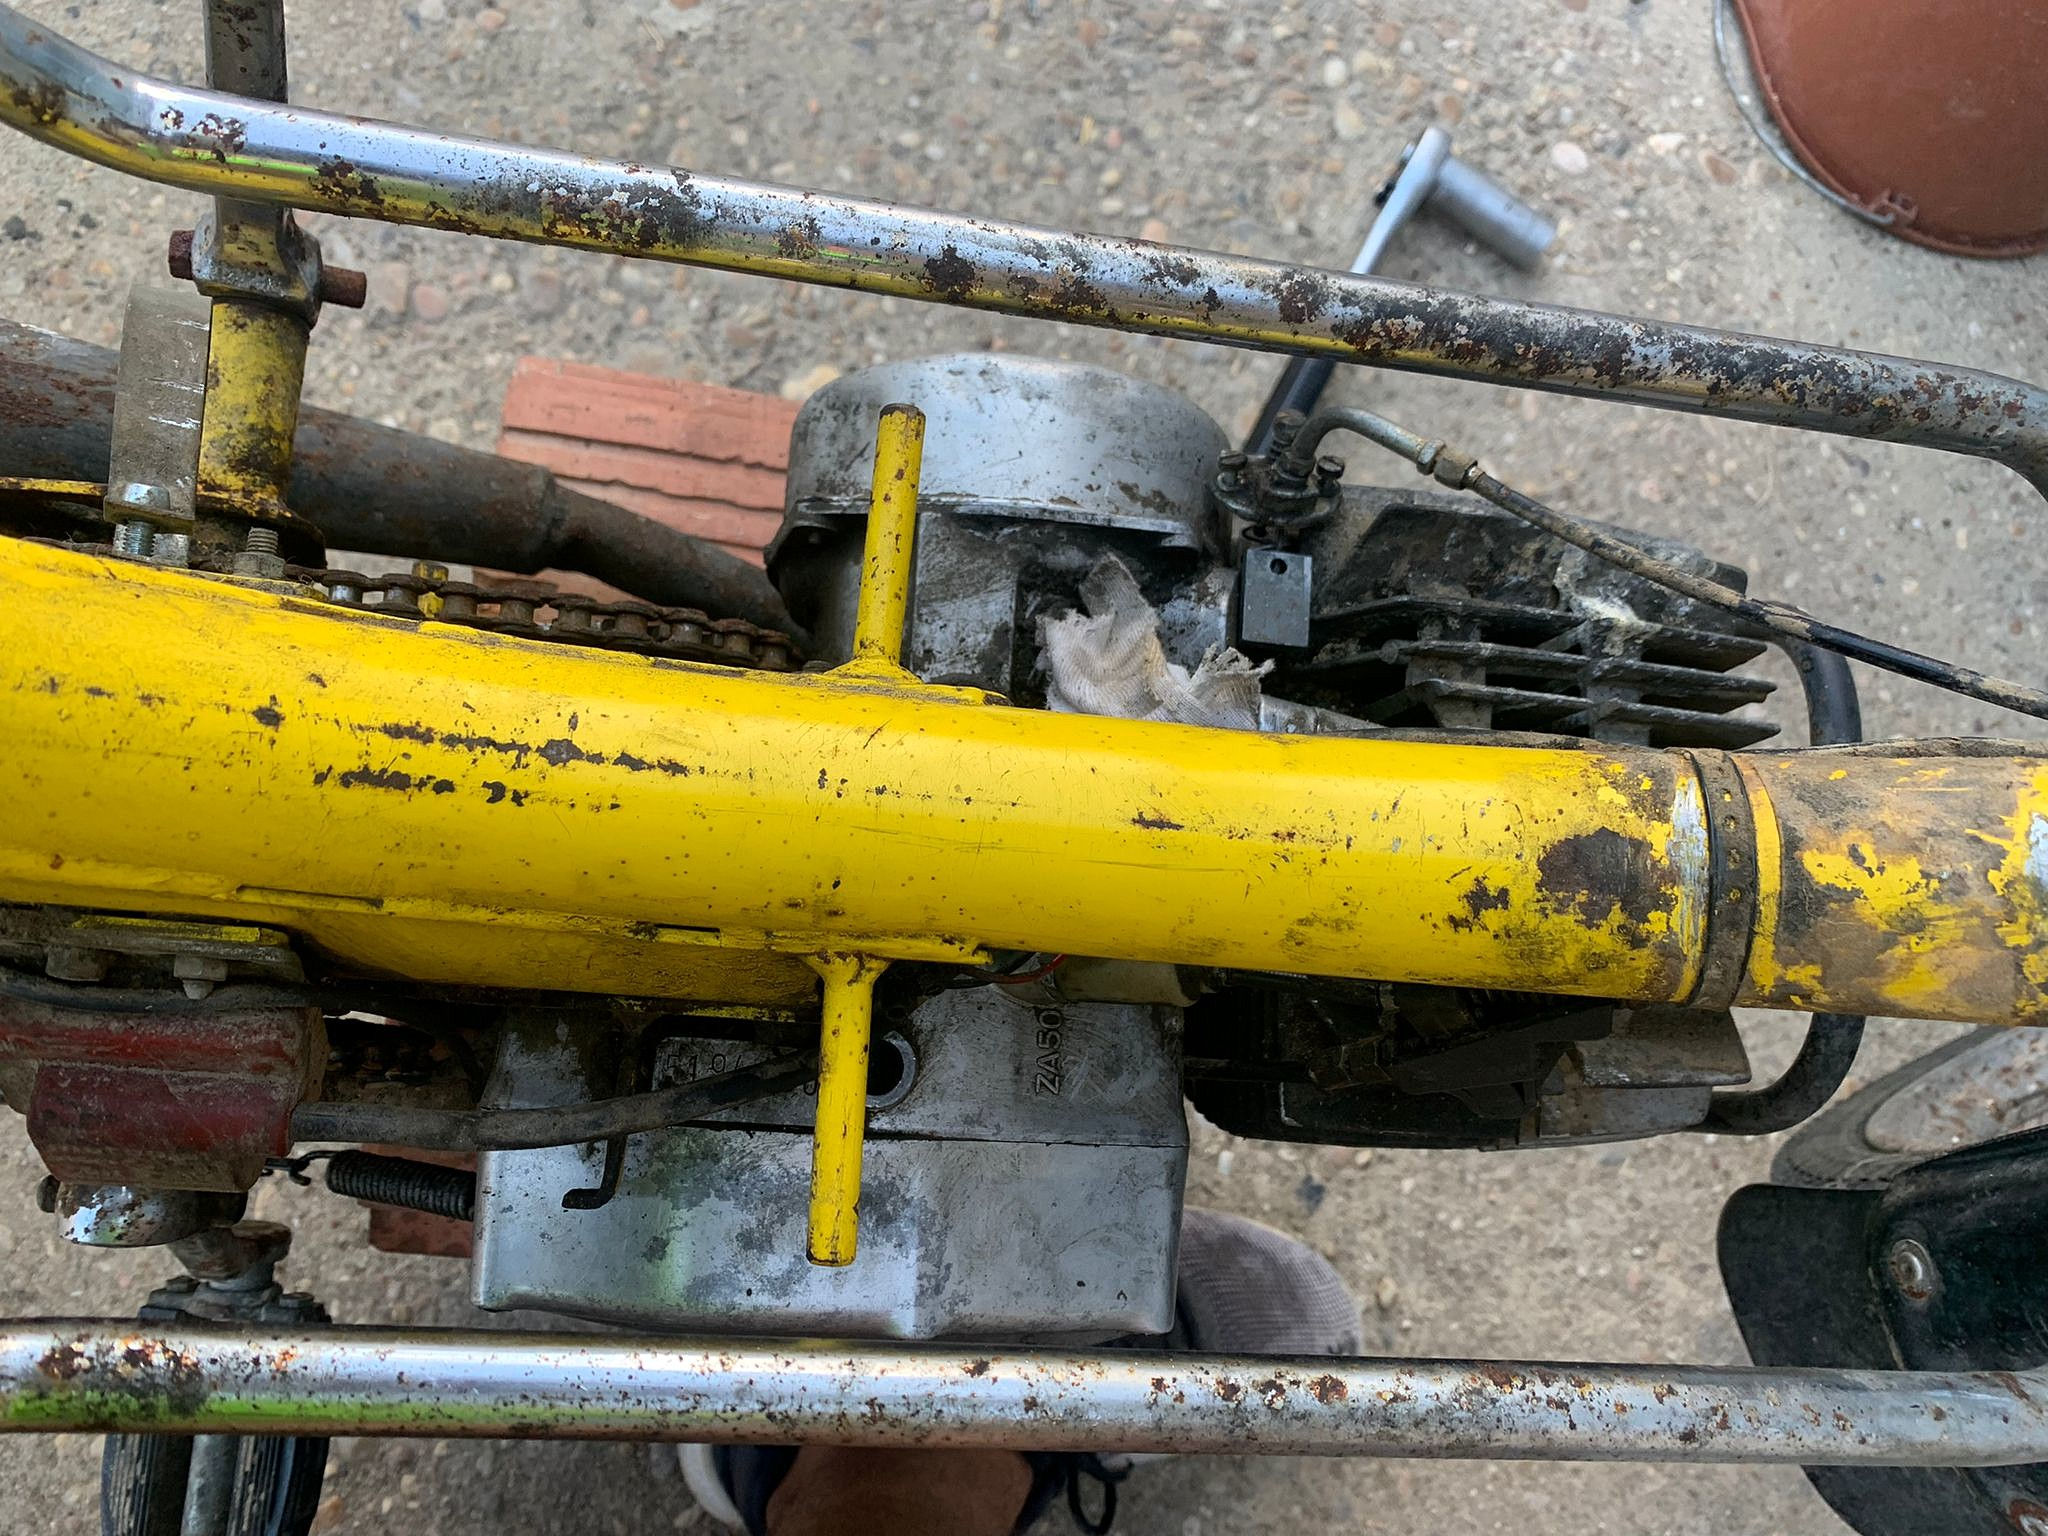 Problema con cable del descompresor Puch x30 cross 4580d5d409b19aaaef0b83349f891e16o